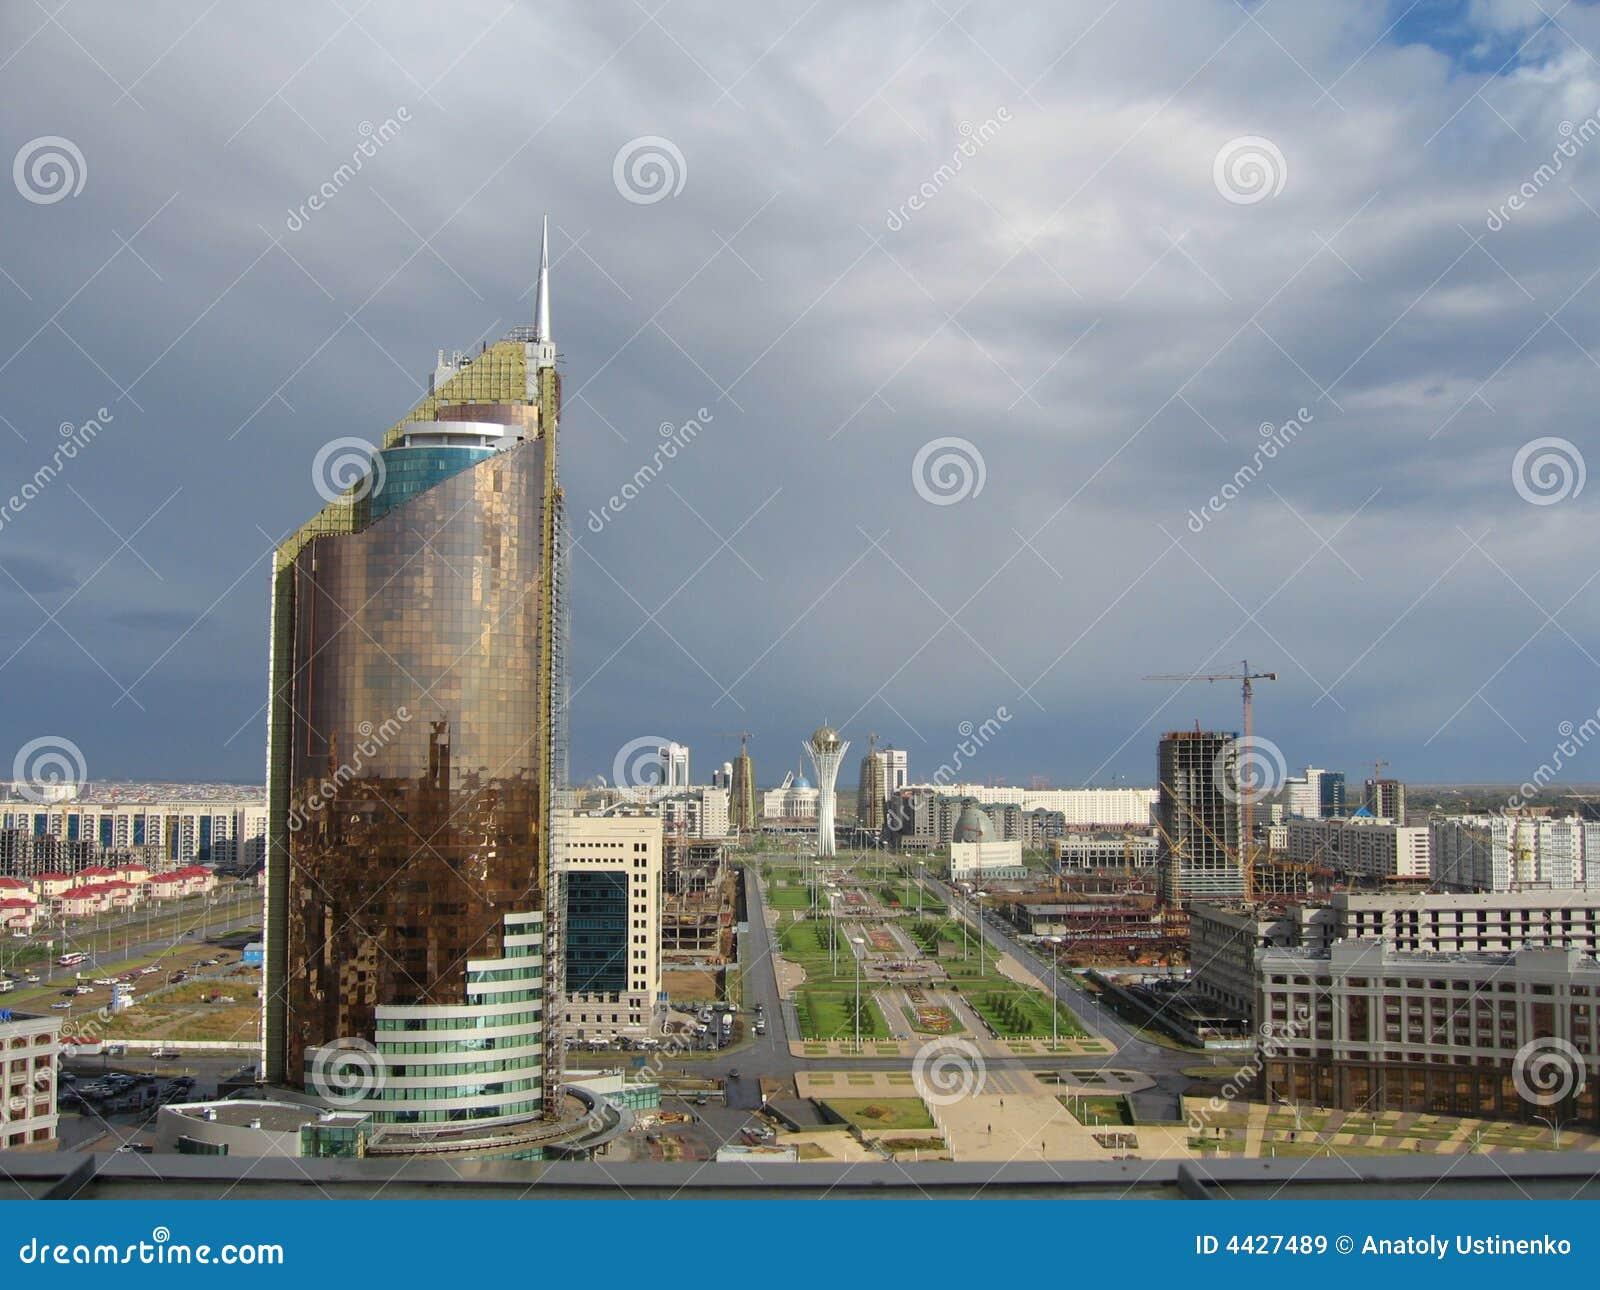 Astana-Stadt. Panorama